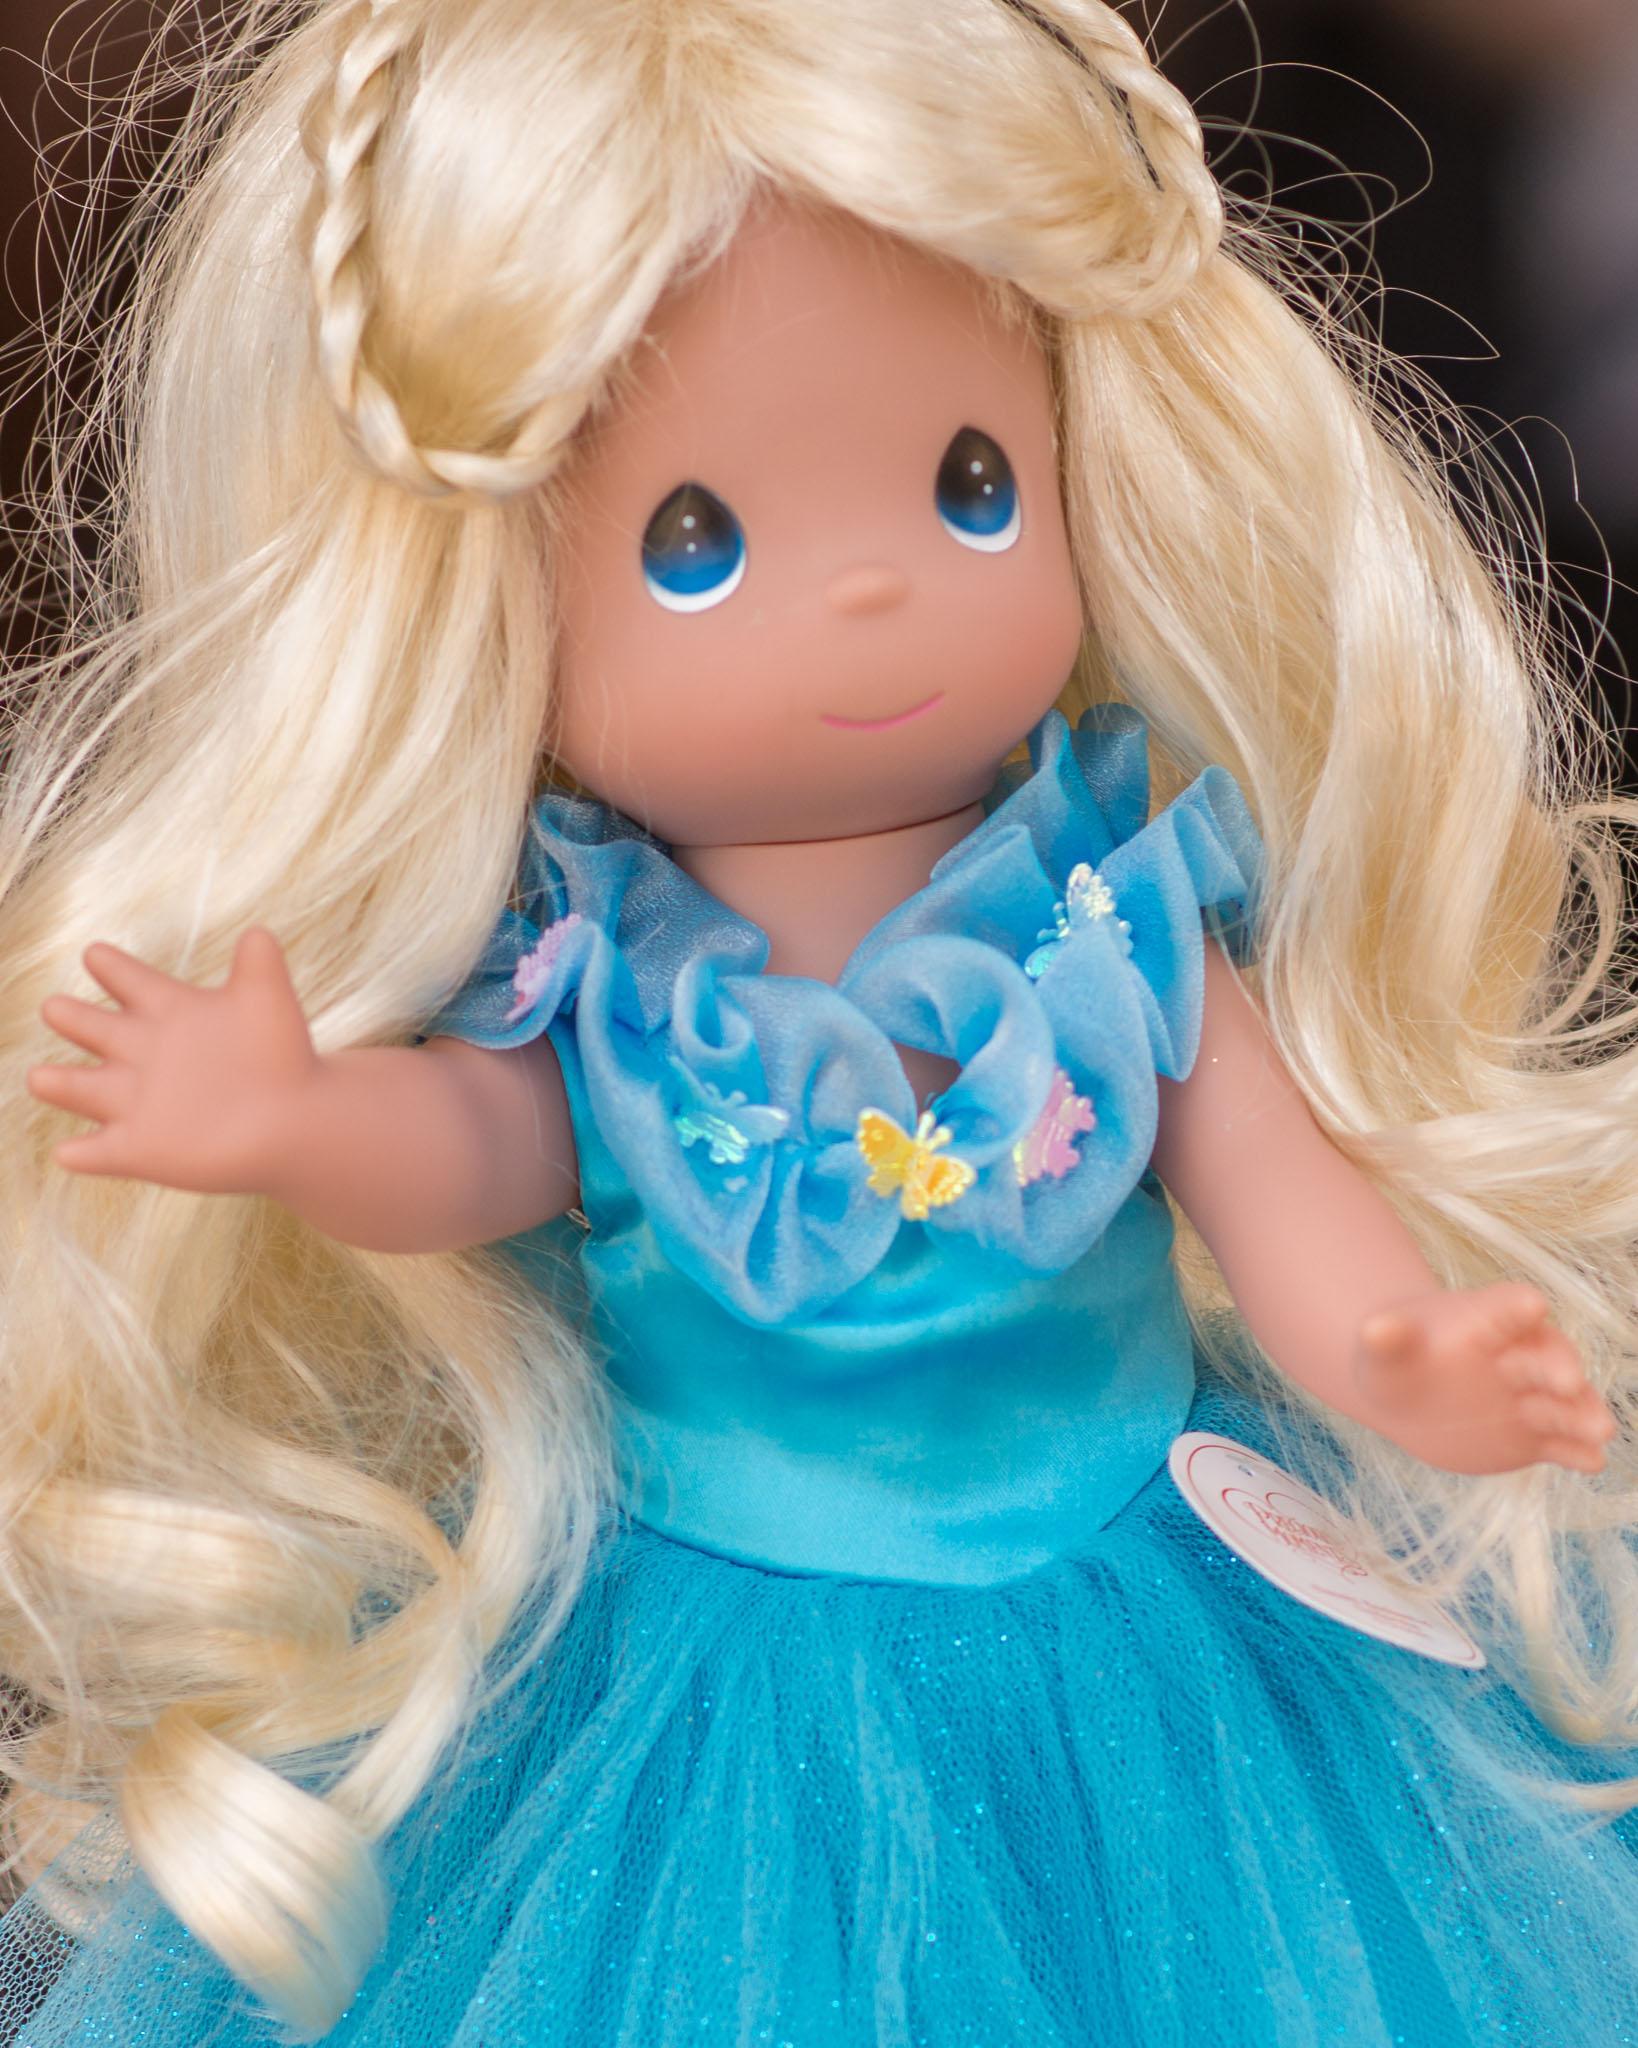 Precious Moments Disney Doll Collection - Cinderella - Epcot Flower & Garden Festival 2016